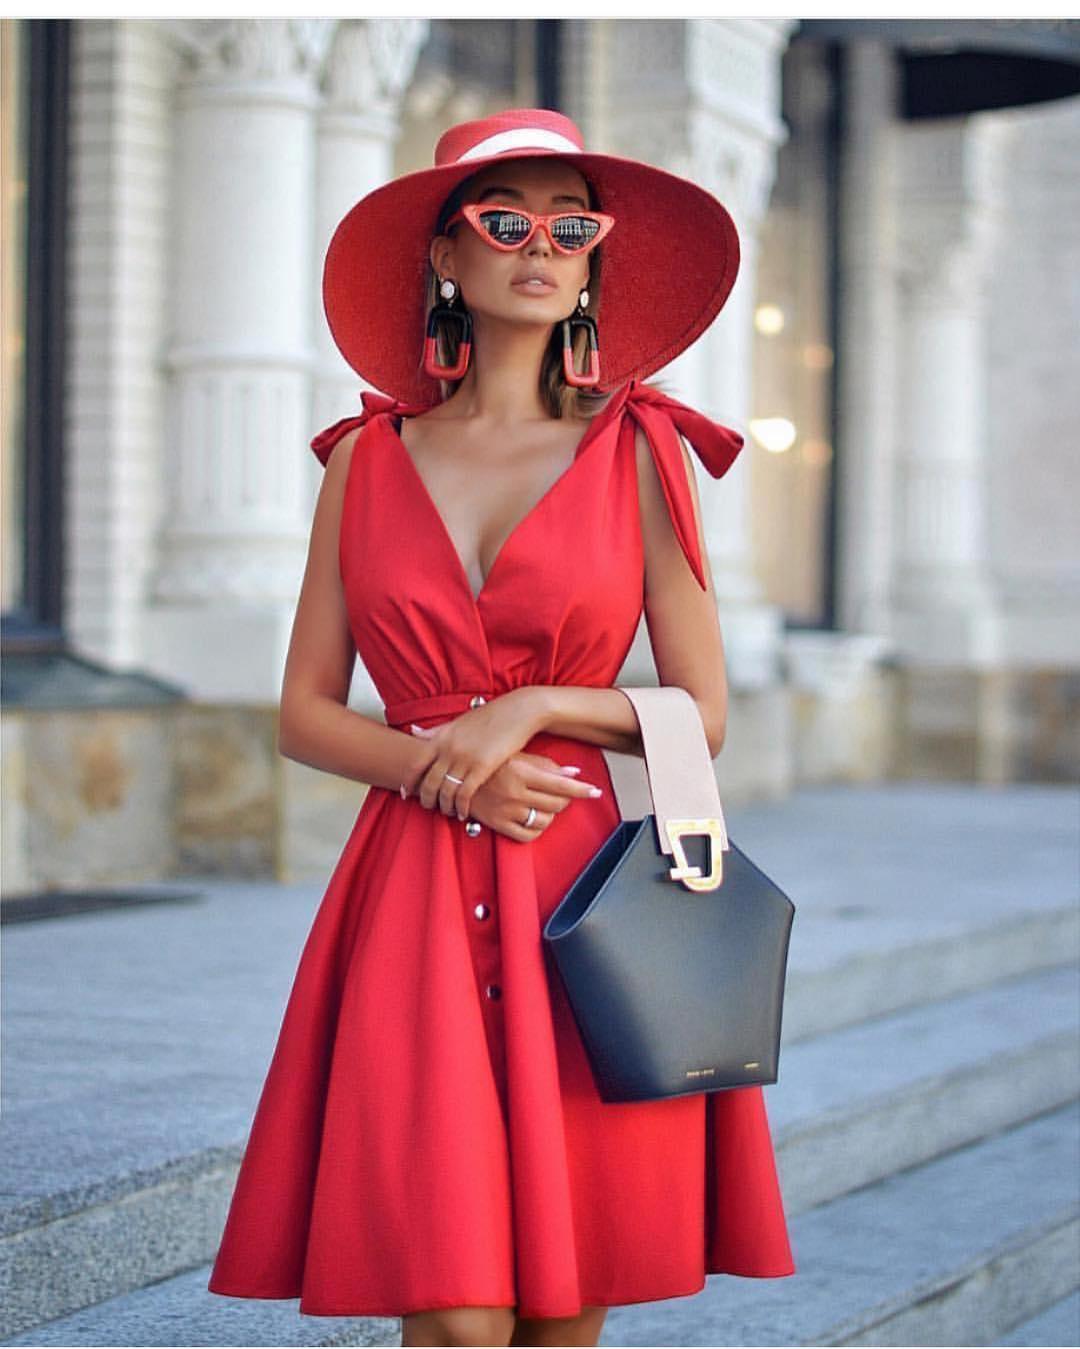 стильная женская одежда картинки артефакты ковдорского